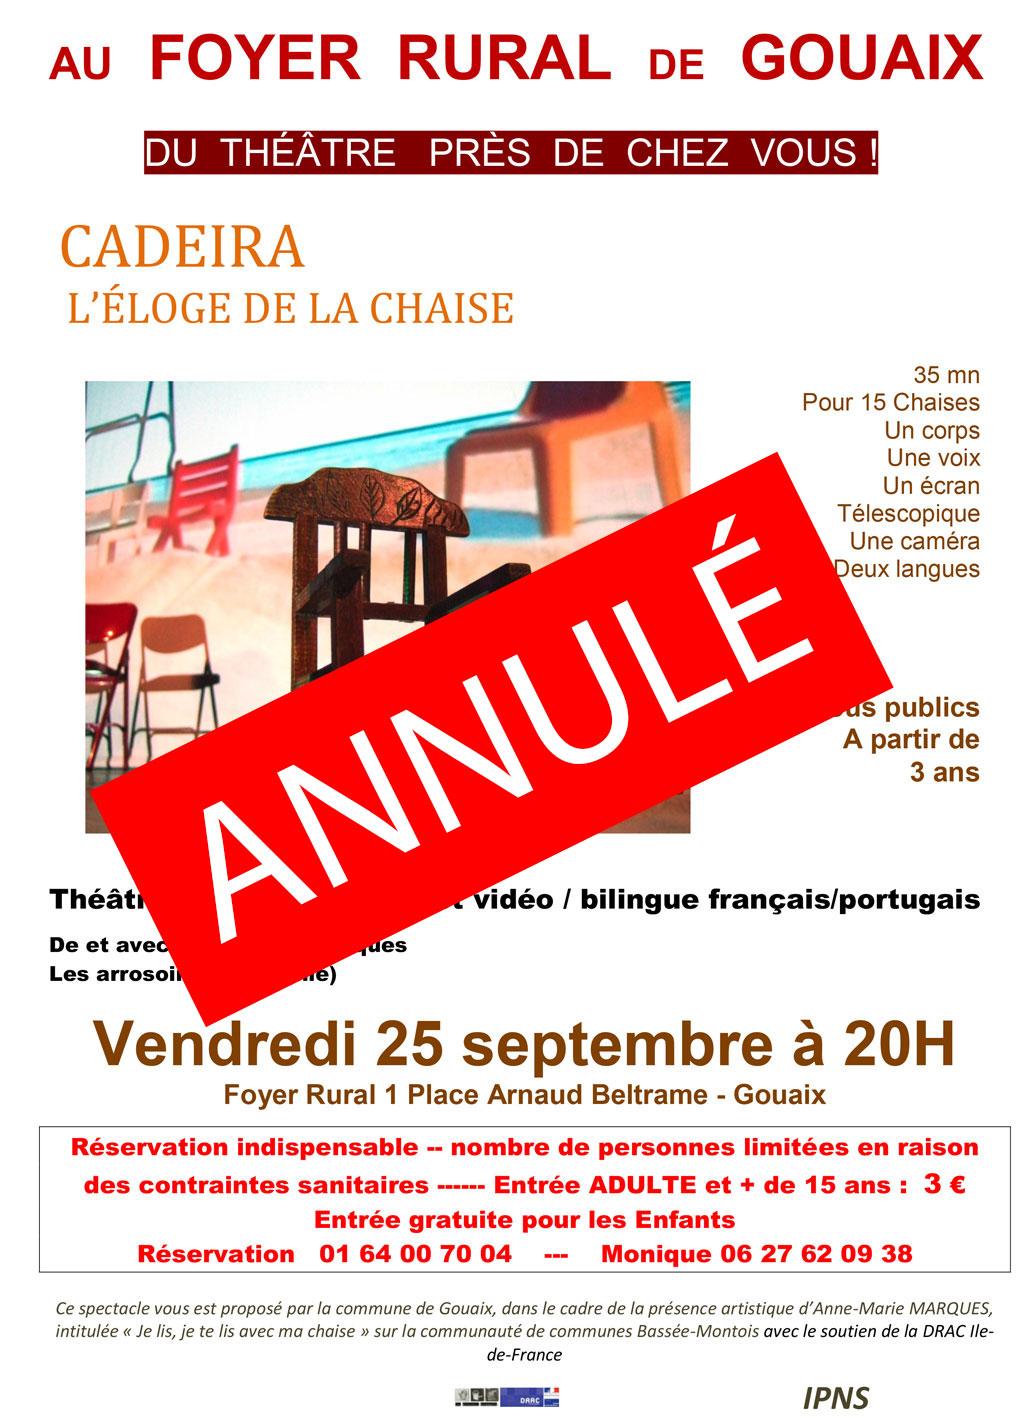 Théatre - CADEIRA L'ÉLOGE DE LA CHAISE